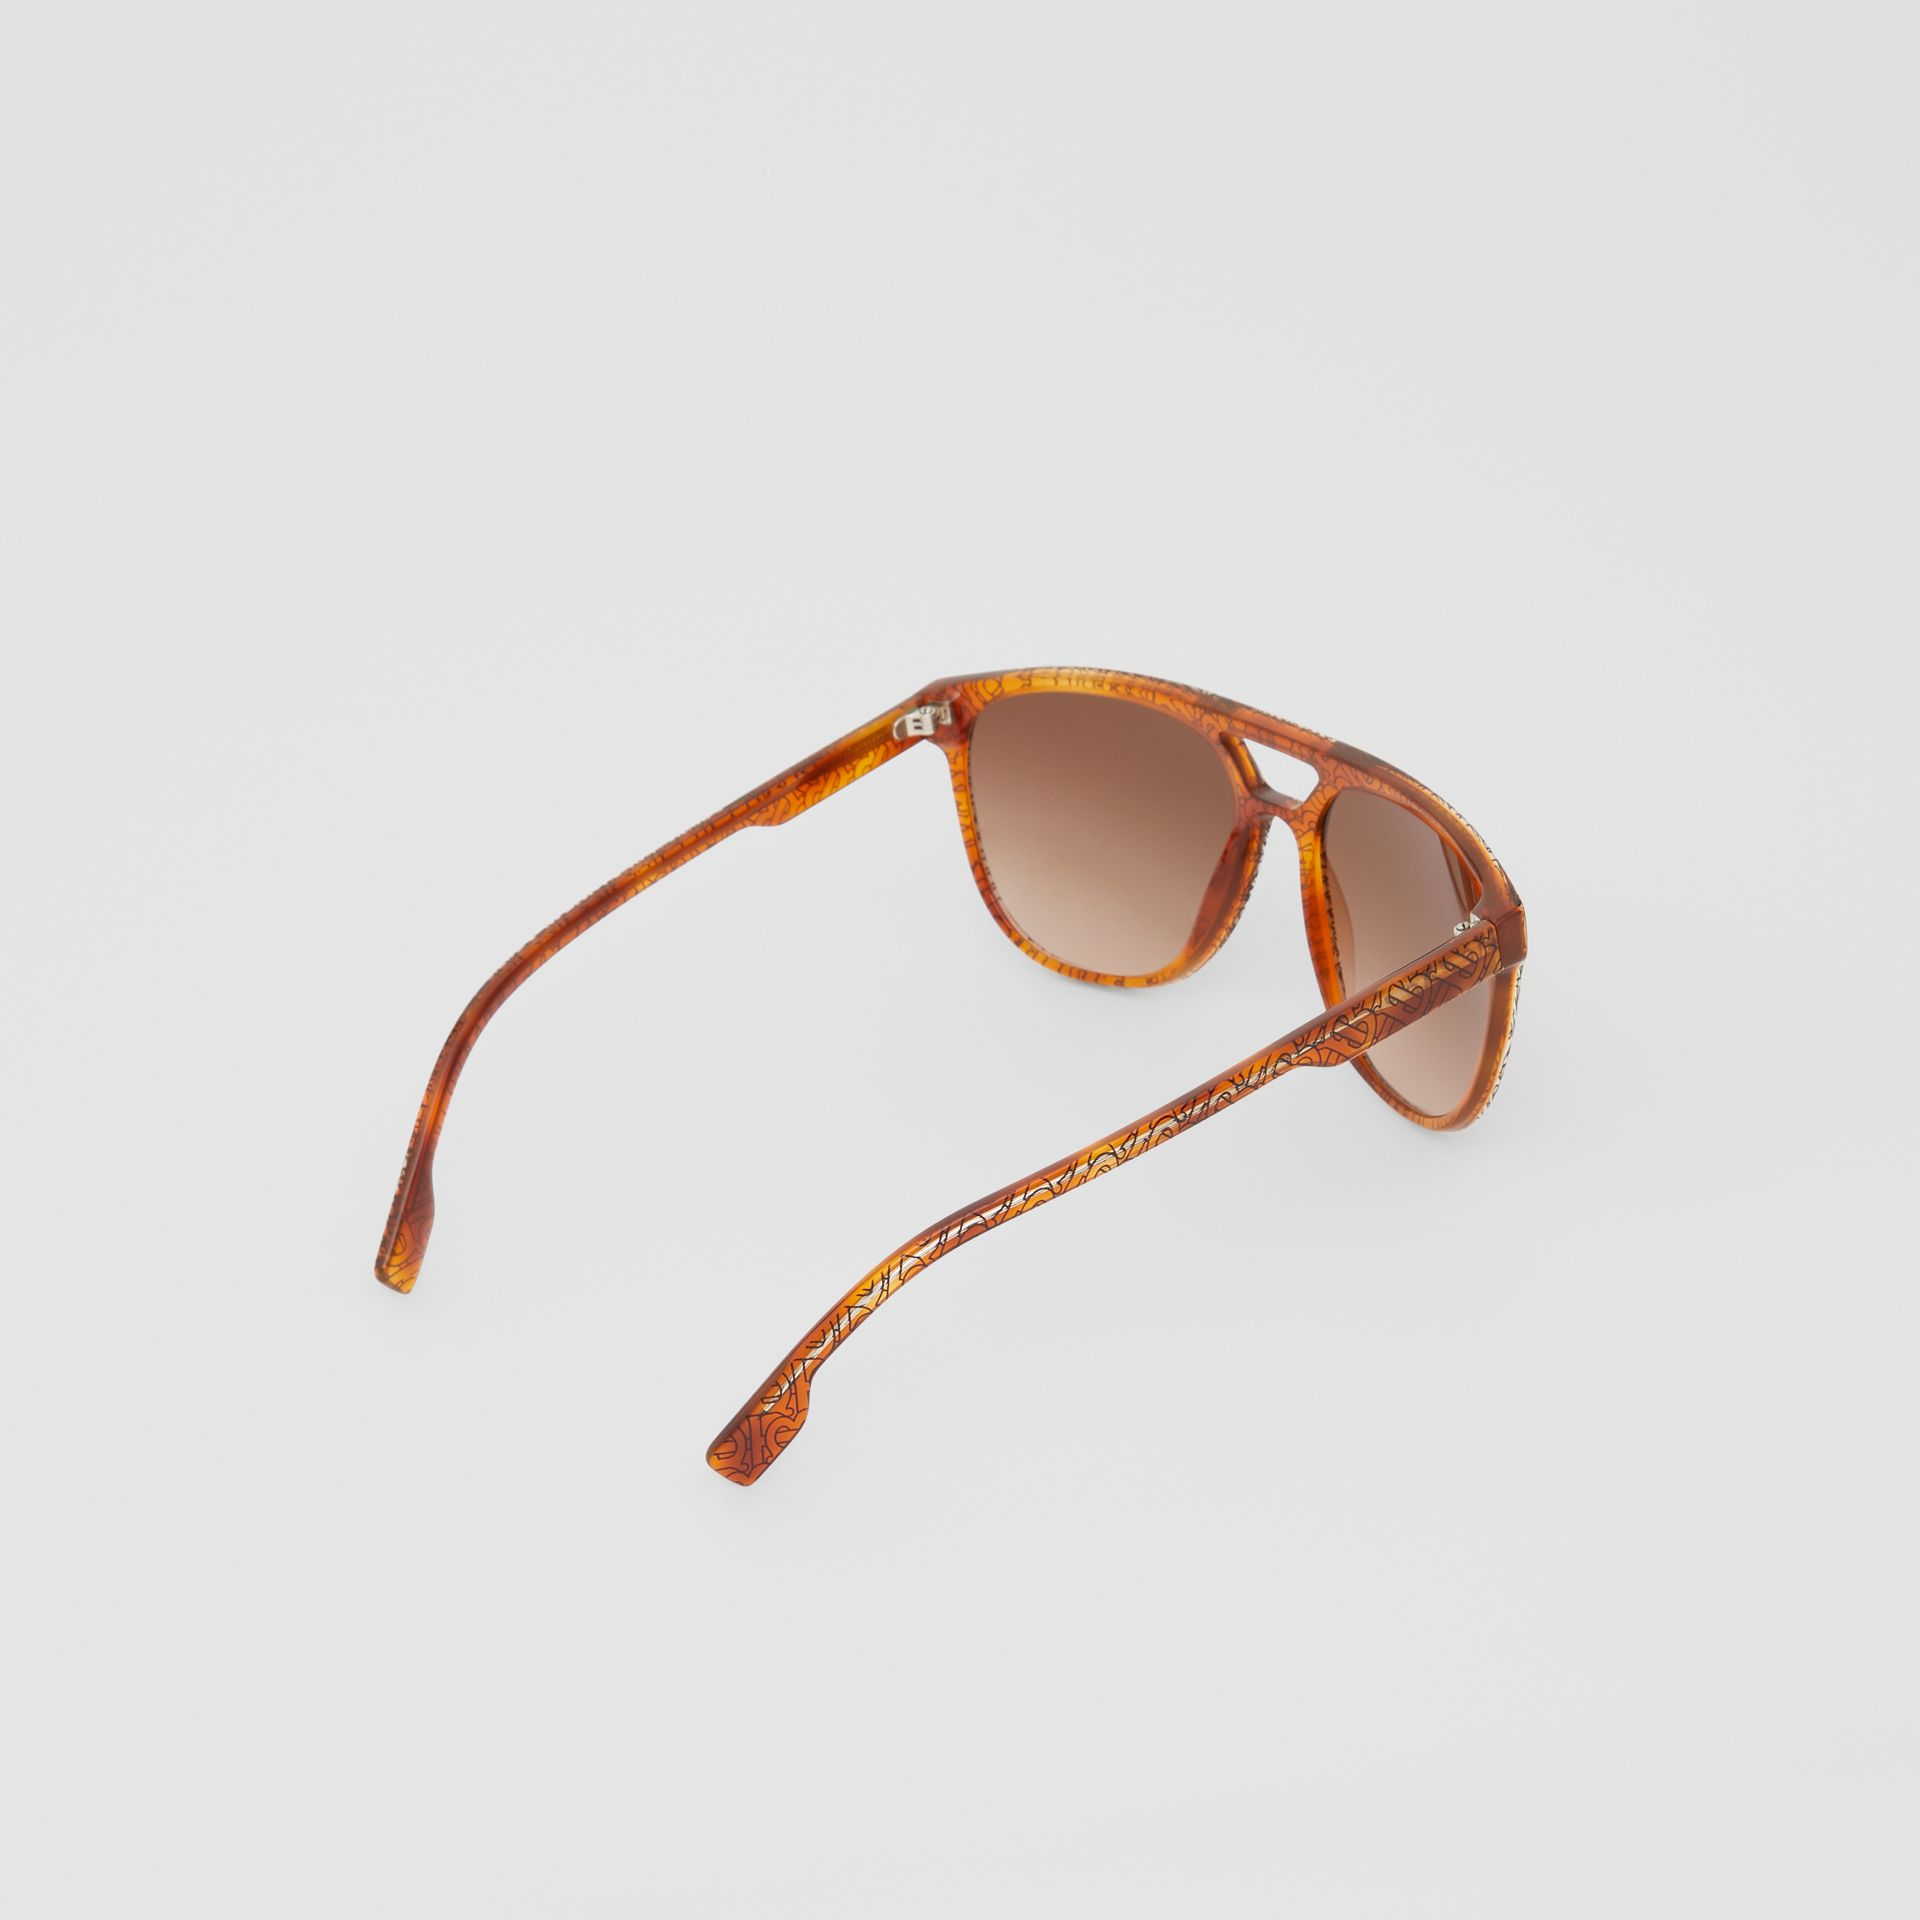 Navigator Sunglasses in Tortoiseshell Amber | Burberry - gallery image 4